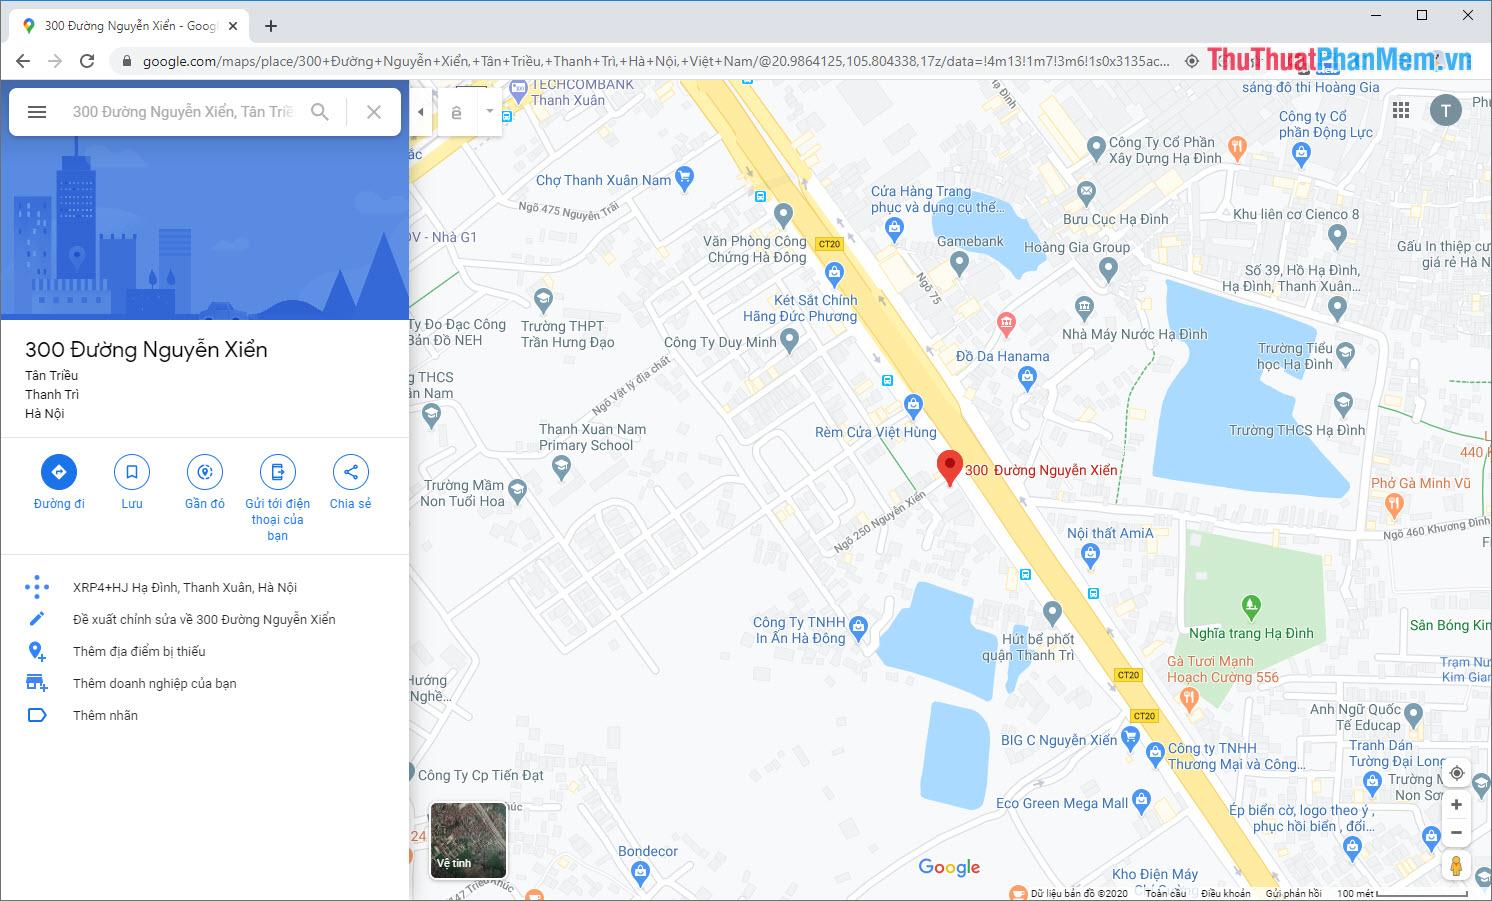 Mở Google Map và nhập địa điểm của vị trí cần lấy tọa độ